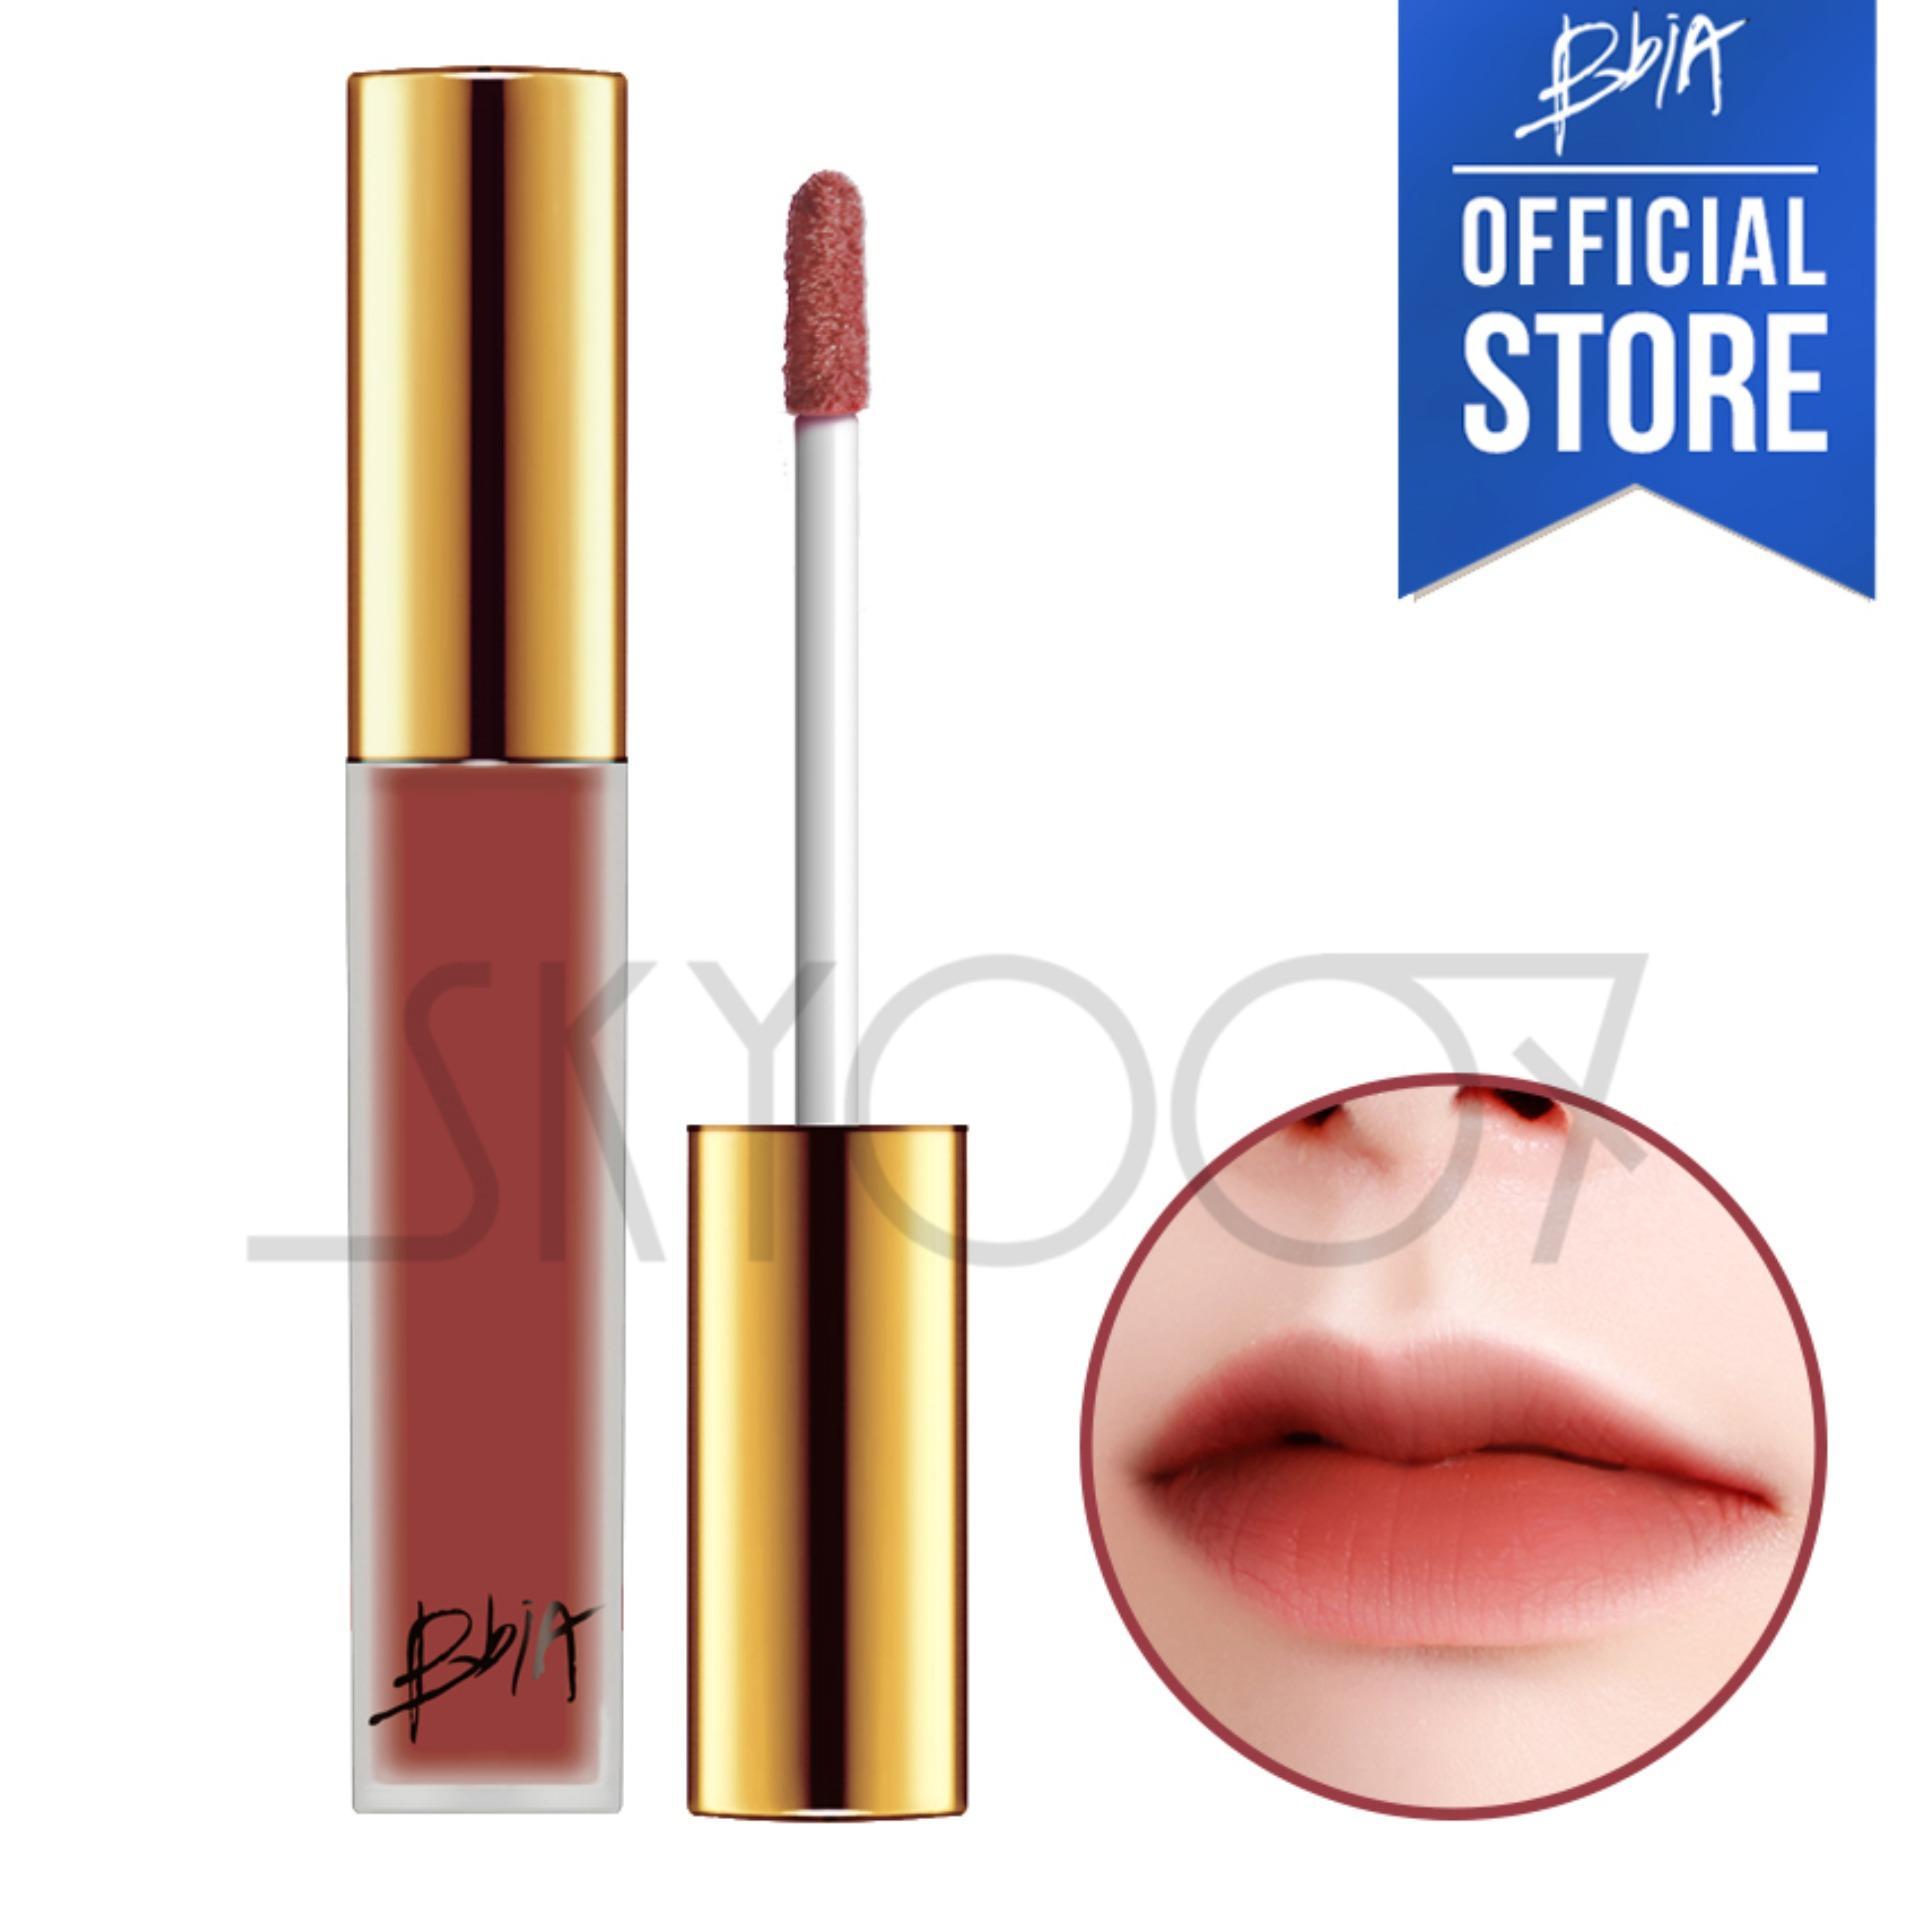 Hình ảnh Son kem lì siêu lâu trôi Bbia Last Velvet Lip Tint Version 3 - 13 Serious Boss (Màu hồng đất)